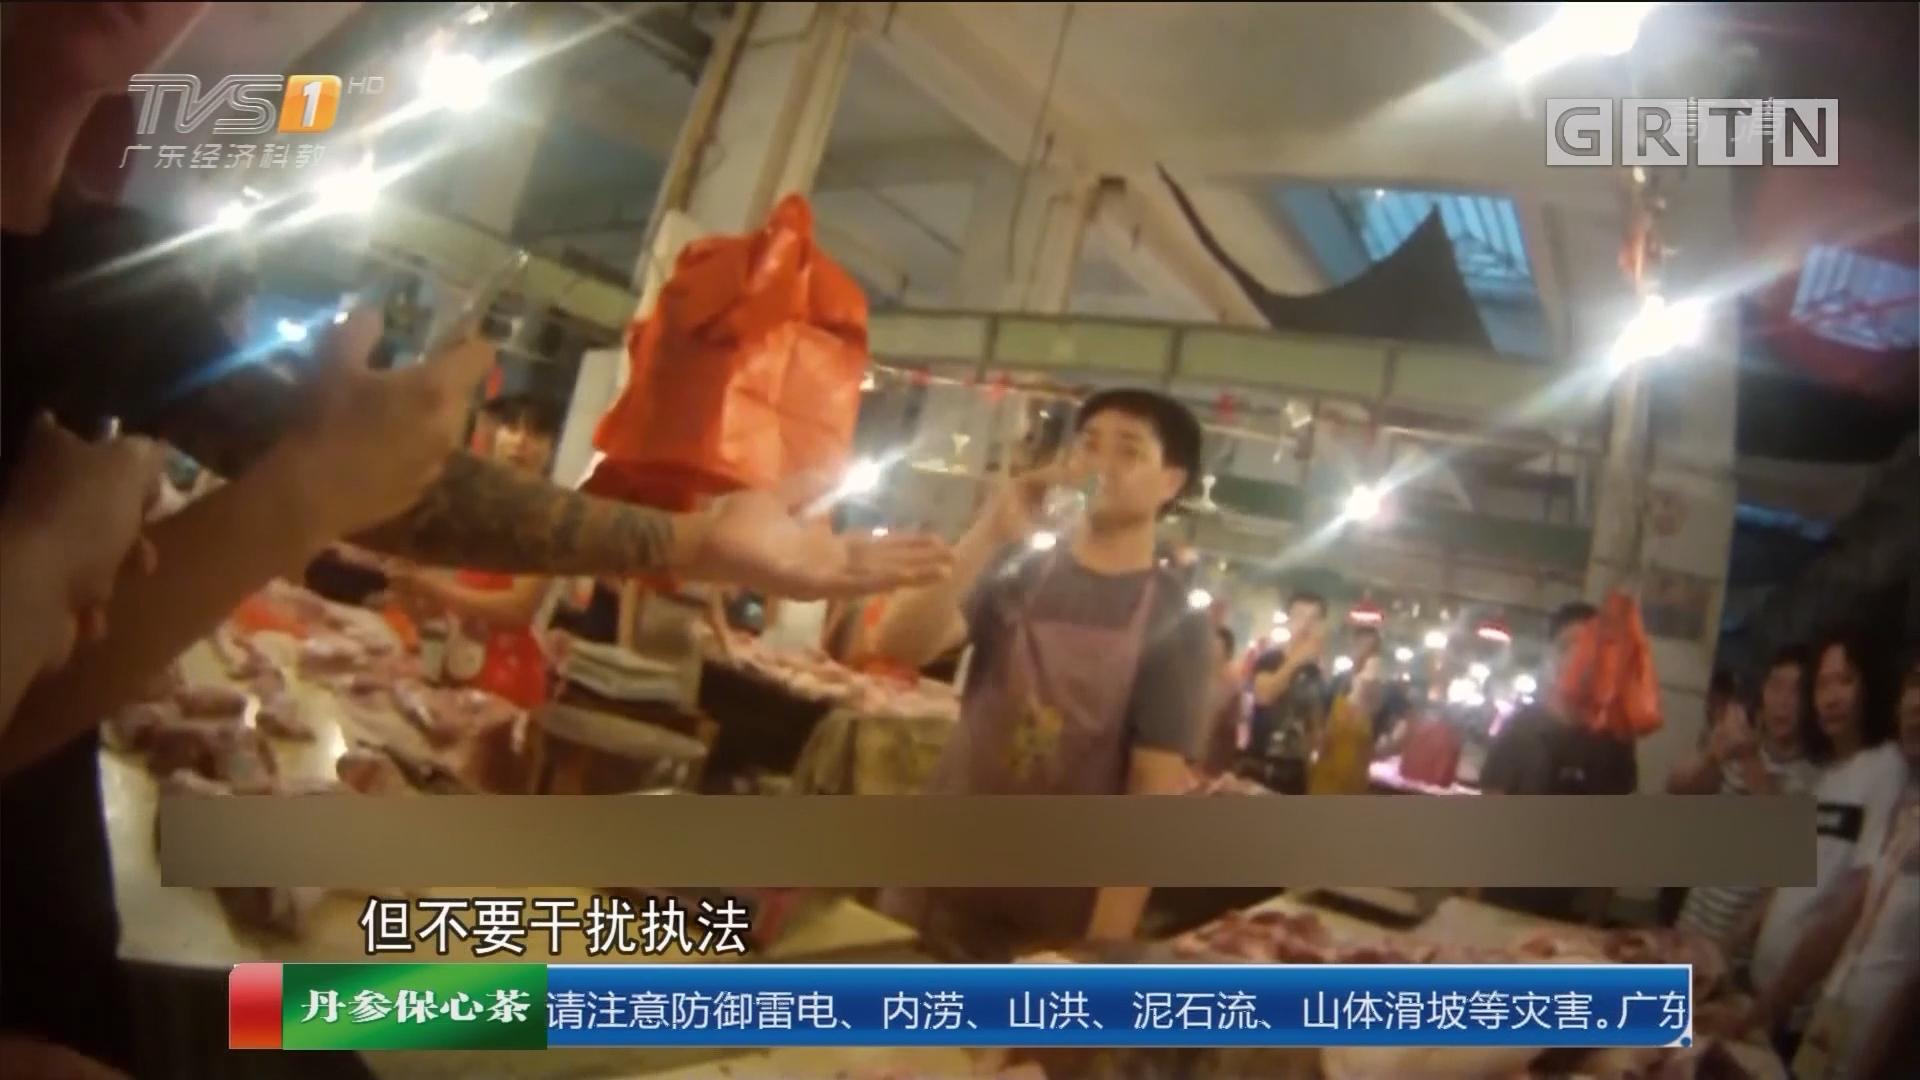 湛江雷州:警方拘四人 竟然受雇干扰执法